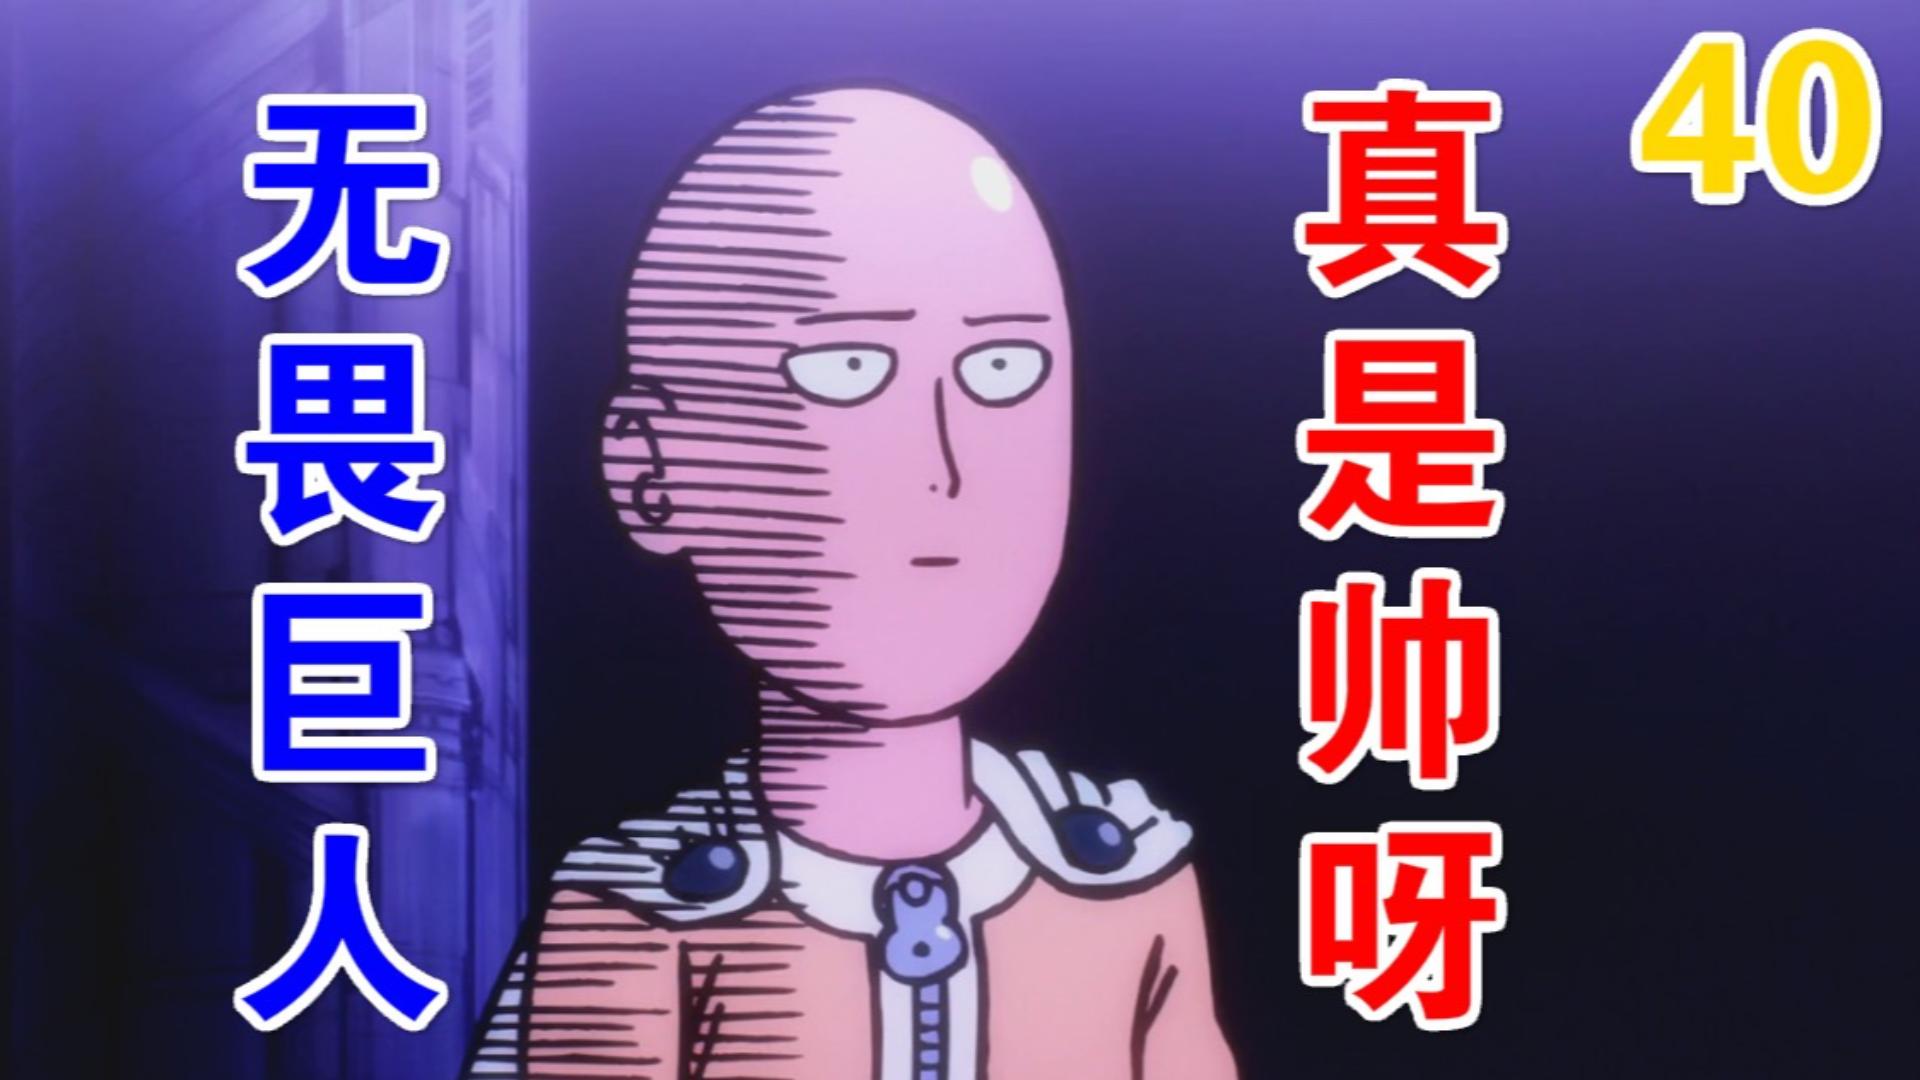 《一拳超人》第三季15:凤凰男复活,进化为龙级怪人!童帝启动终极武装?